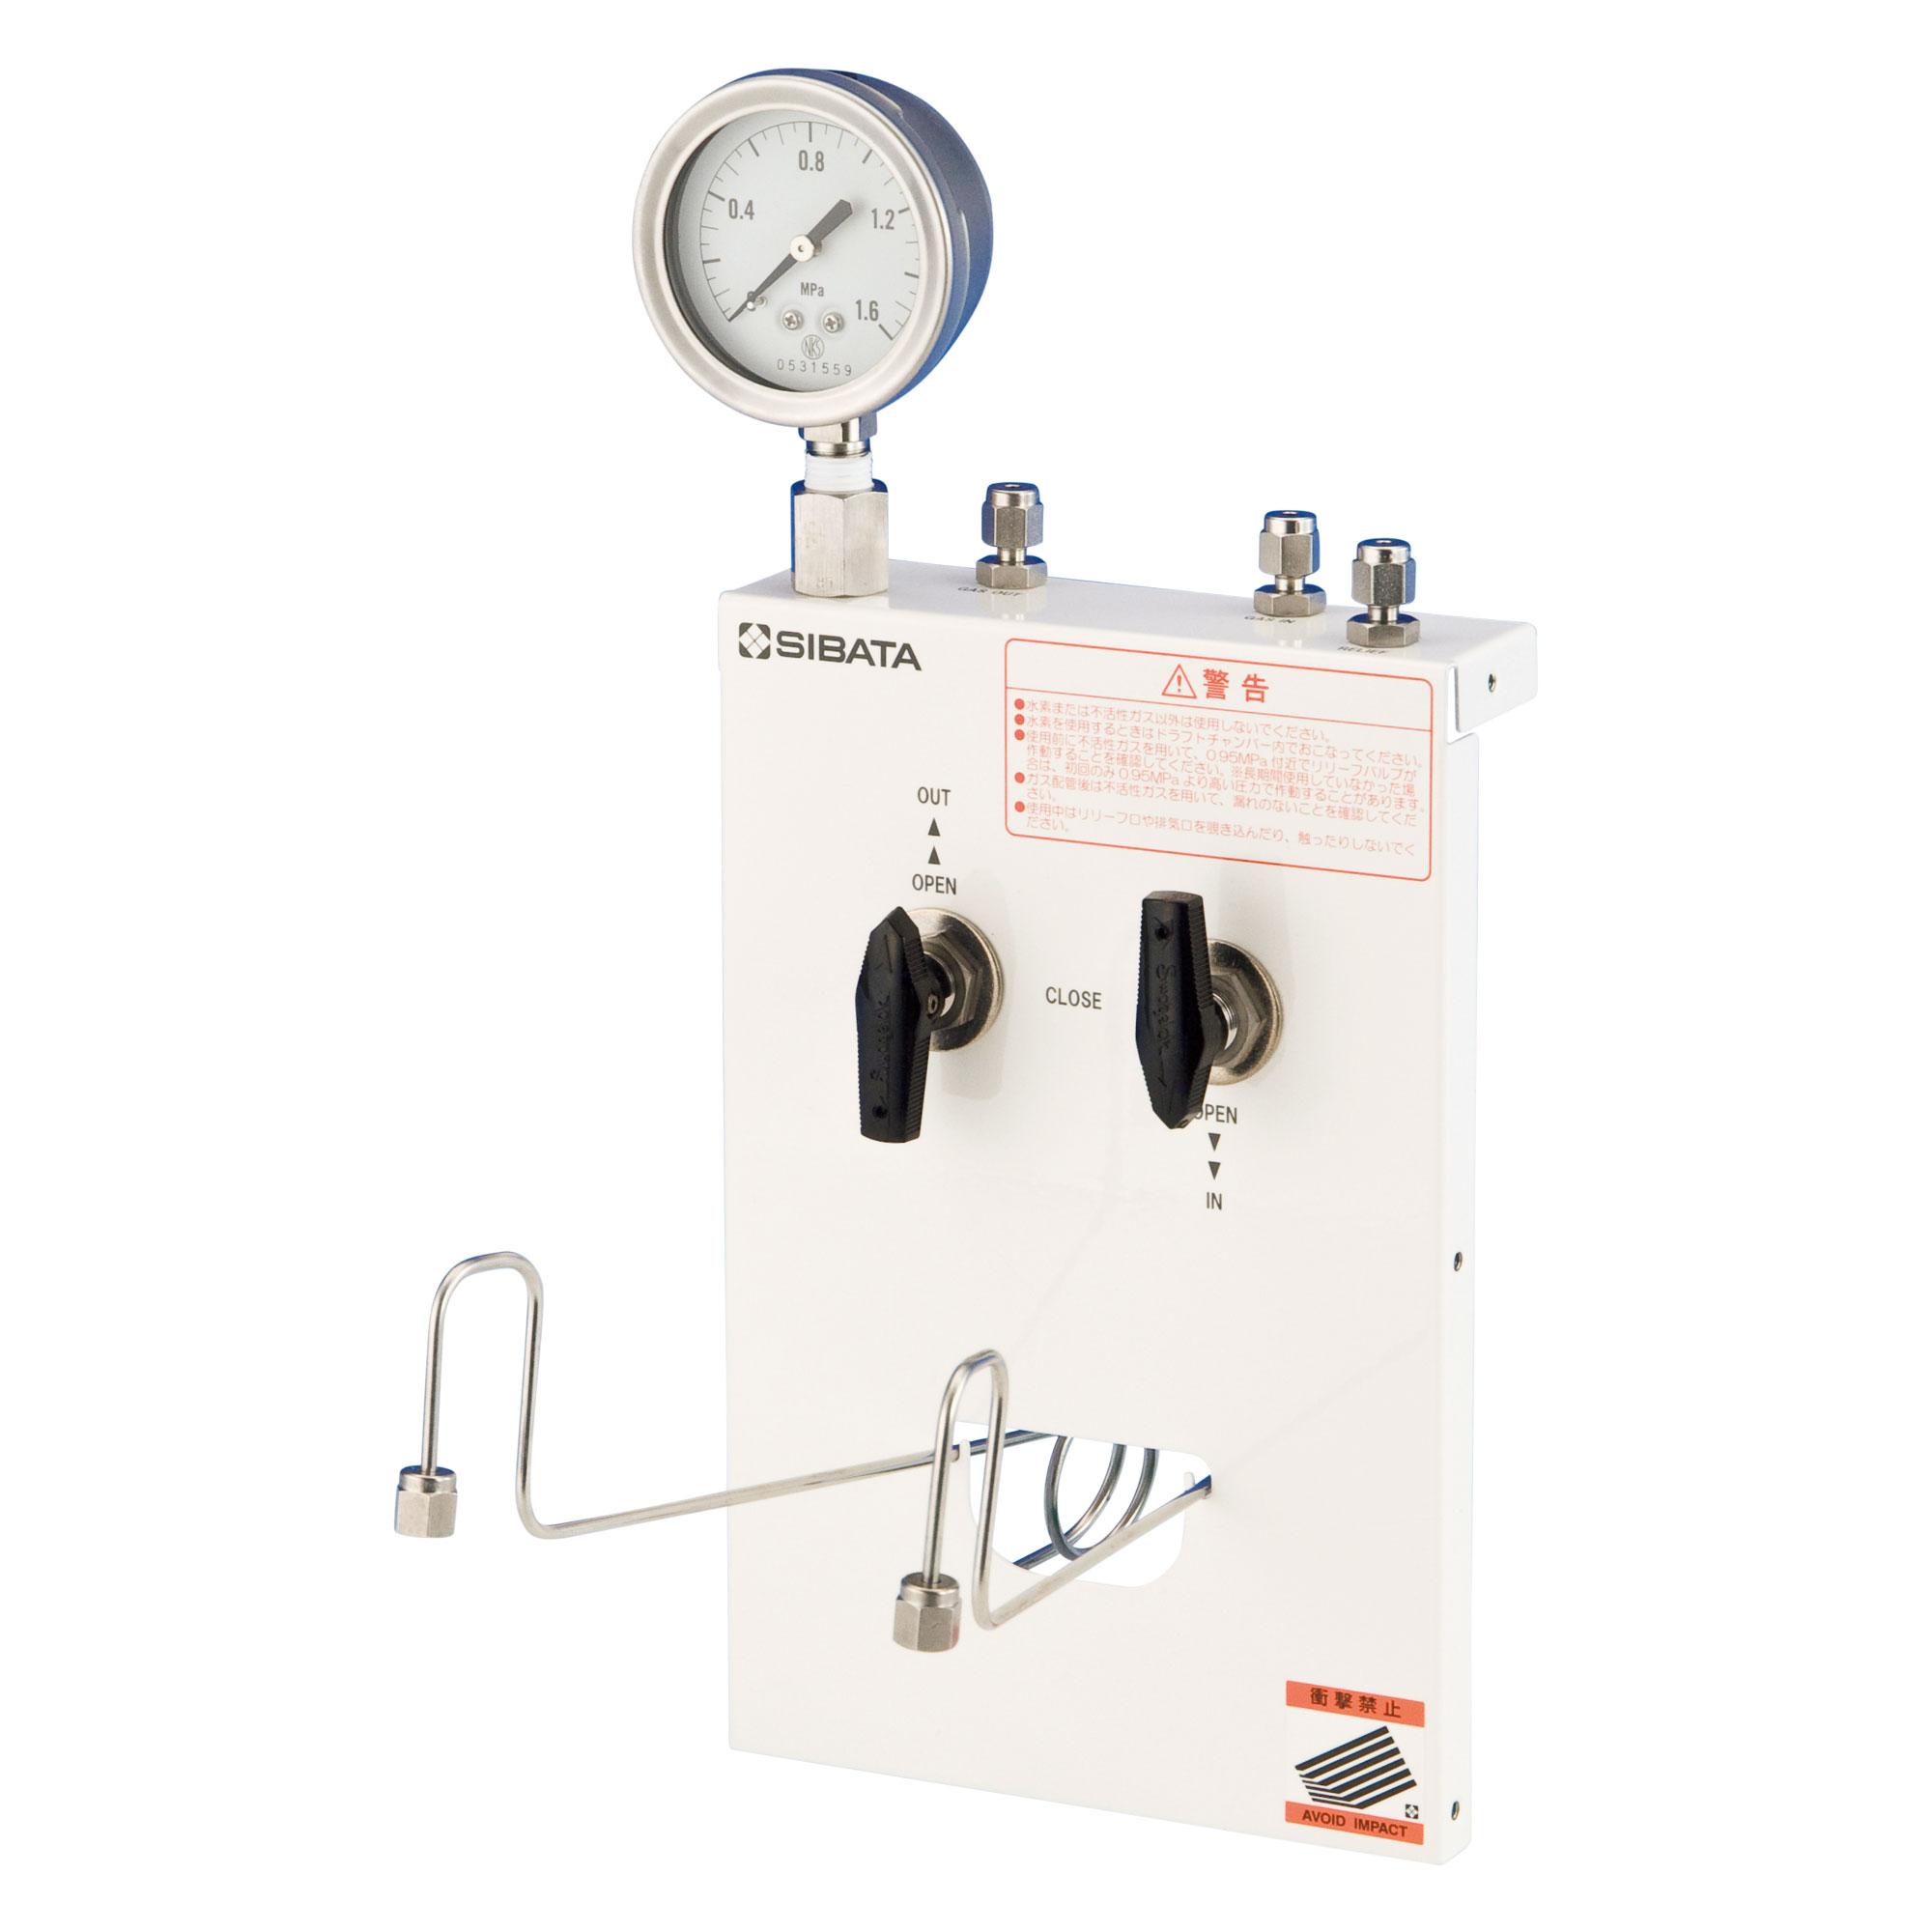 054300-3400 合成・反応装置 ケミストプラザCP-300用 加圧ユニット 70mLセット 柴田科学(SIBATA)